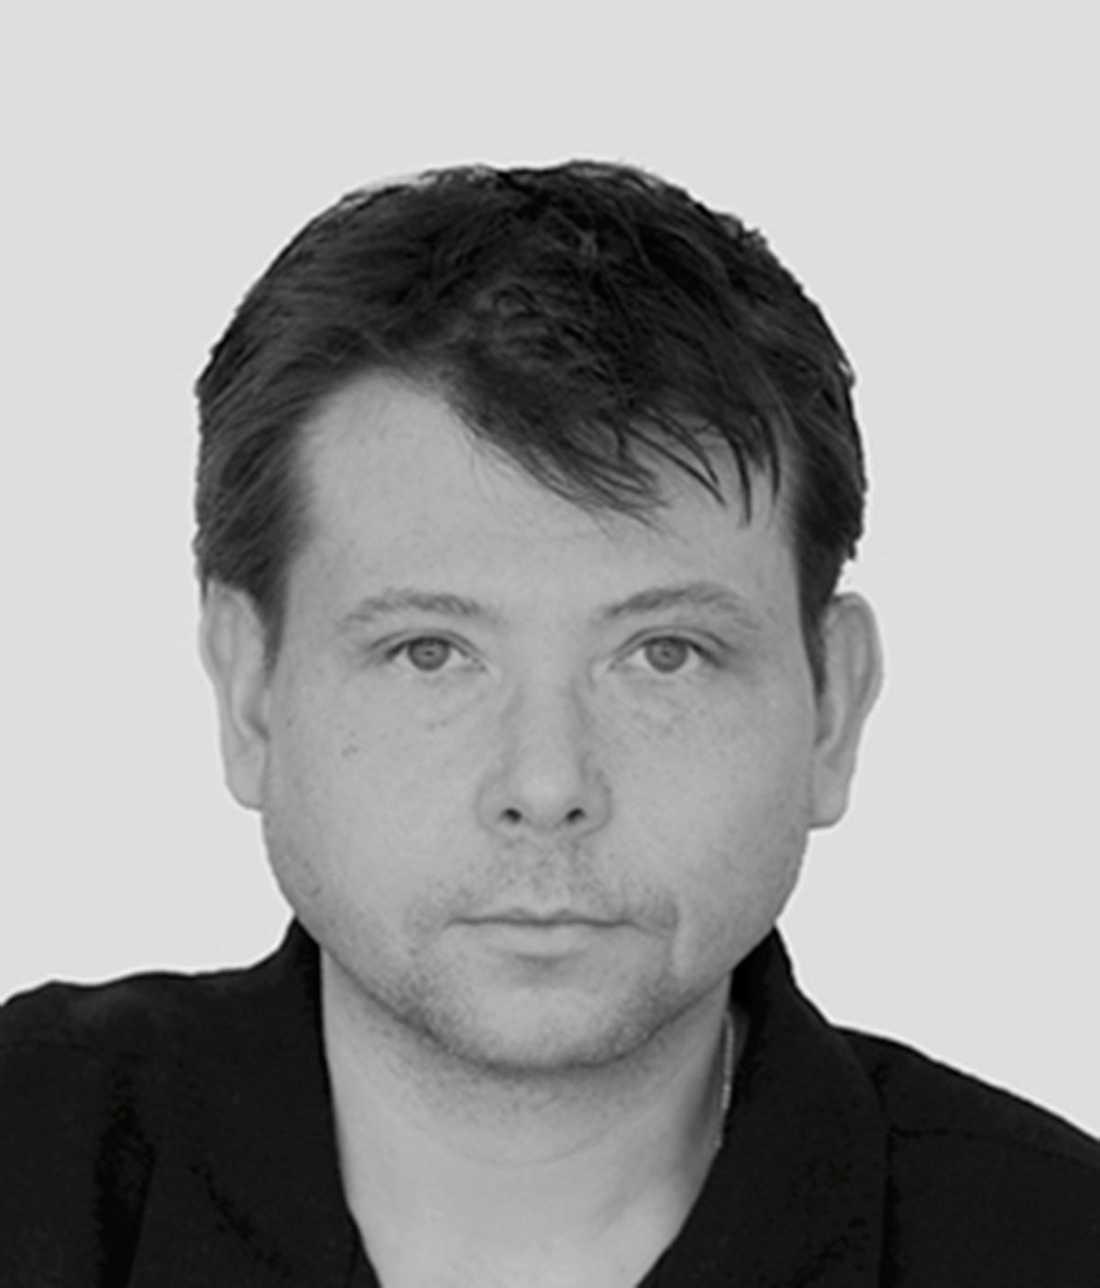 Fotografen Ingemar Pettersson